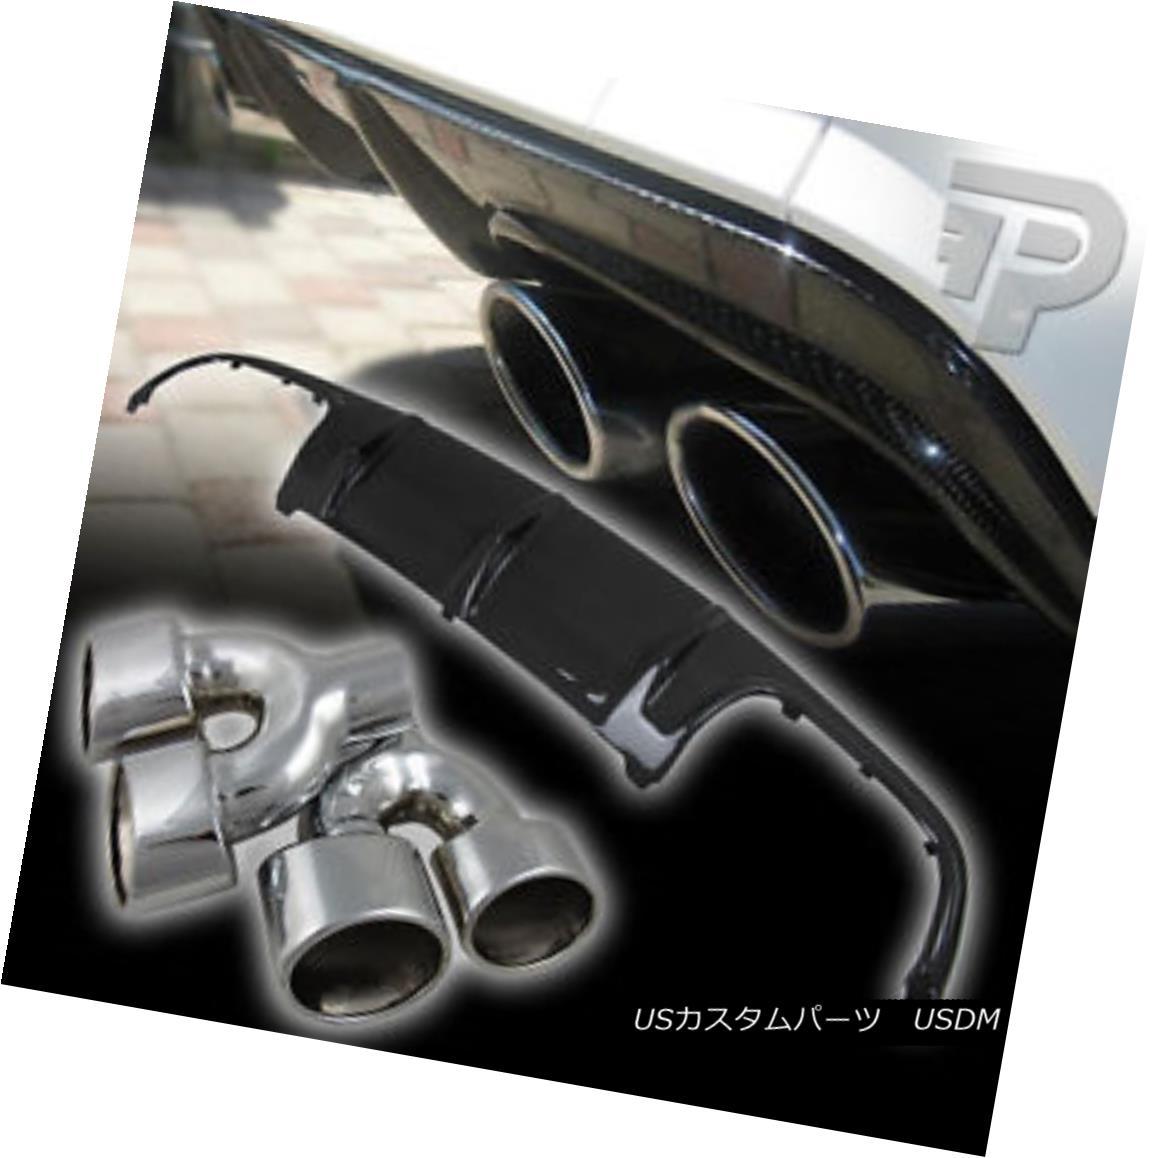 エアロパーツ Mercedes BENZ W204 EXHAUST PIPE DOUBLE & CARBON FIBER REAR DIFFUSER BUMPER ▼ メルセデスベンツW204排気管ダブル& カーボンファイバーリアディフューザーバンパー?